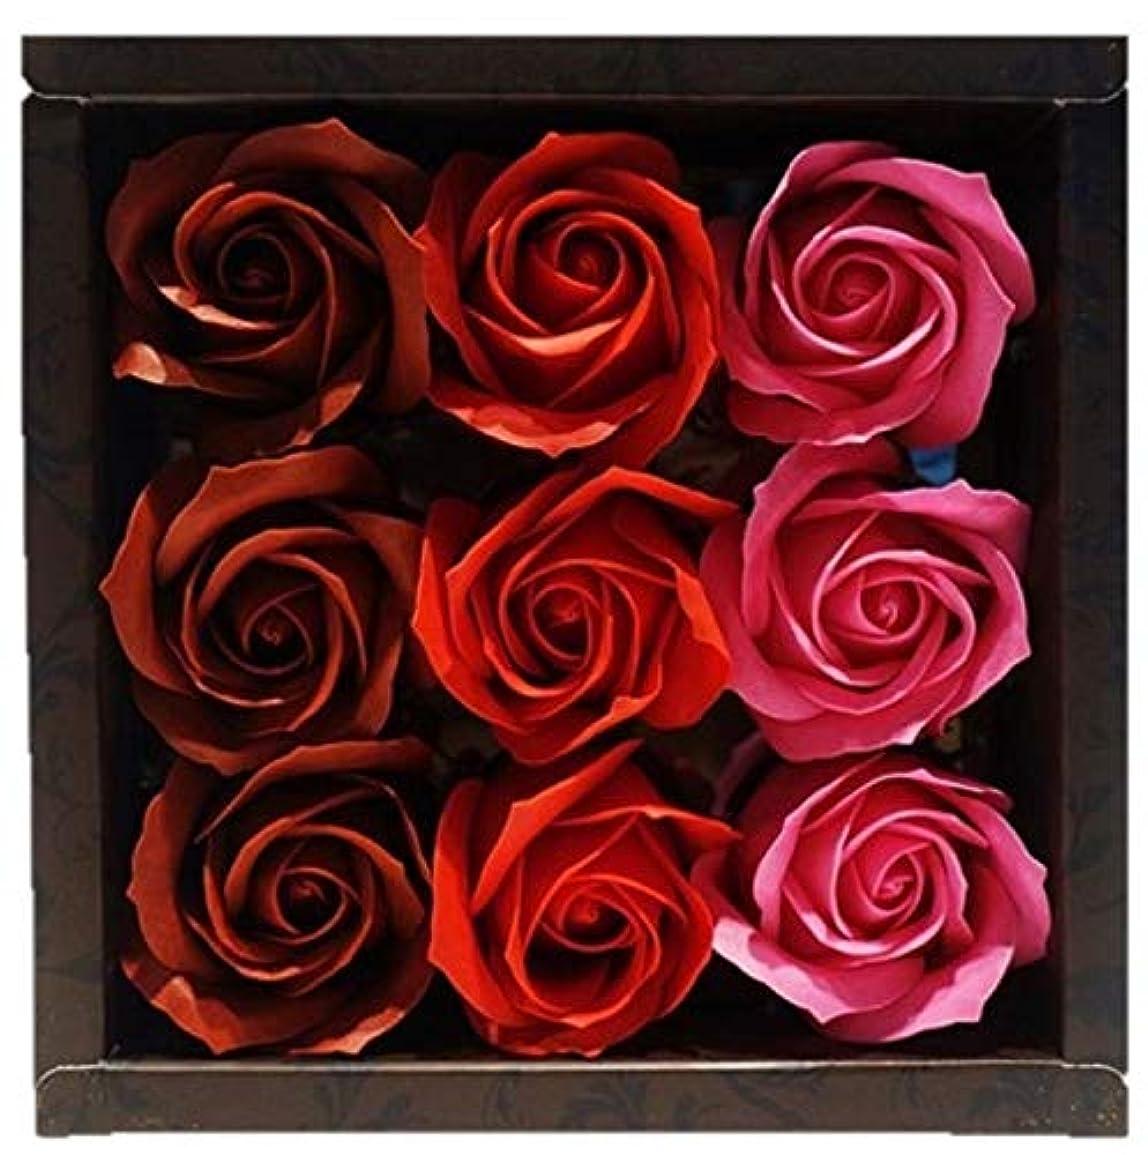 億種をまく失礼バスフレグランス バスフラワー ローズフレグランス レッドカラー お花の形の入浴剤 プレゼント ばら